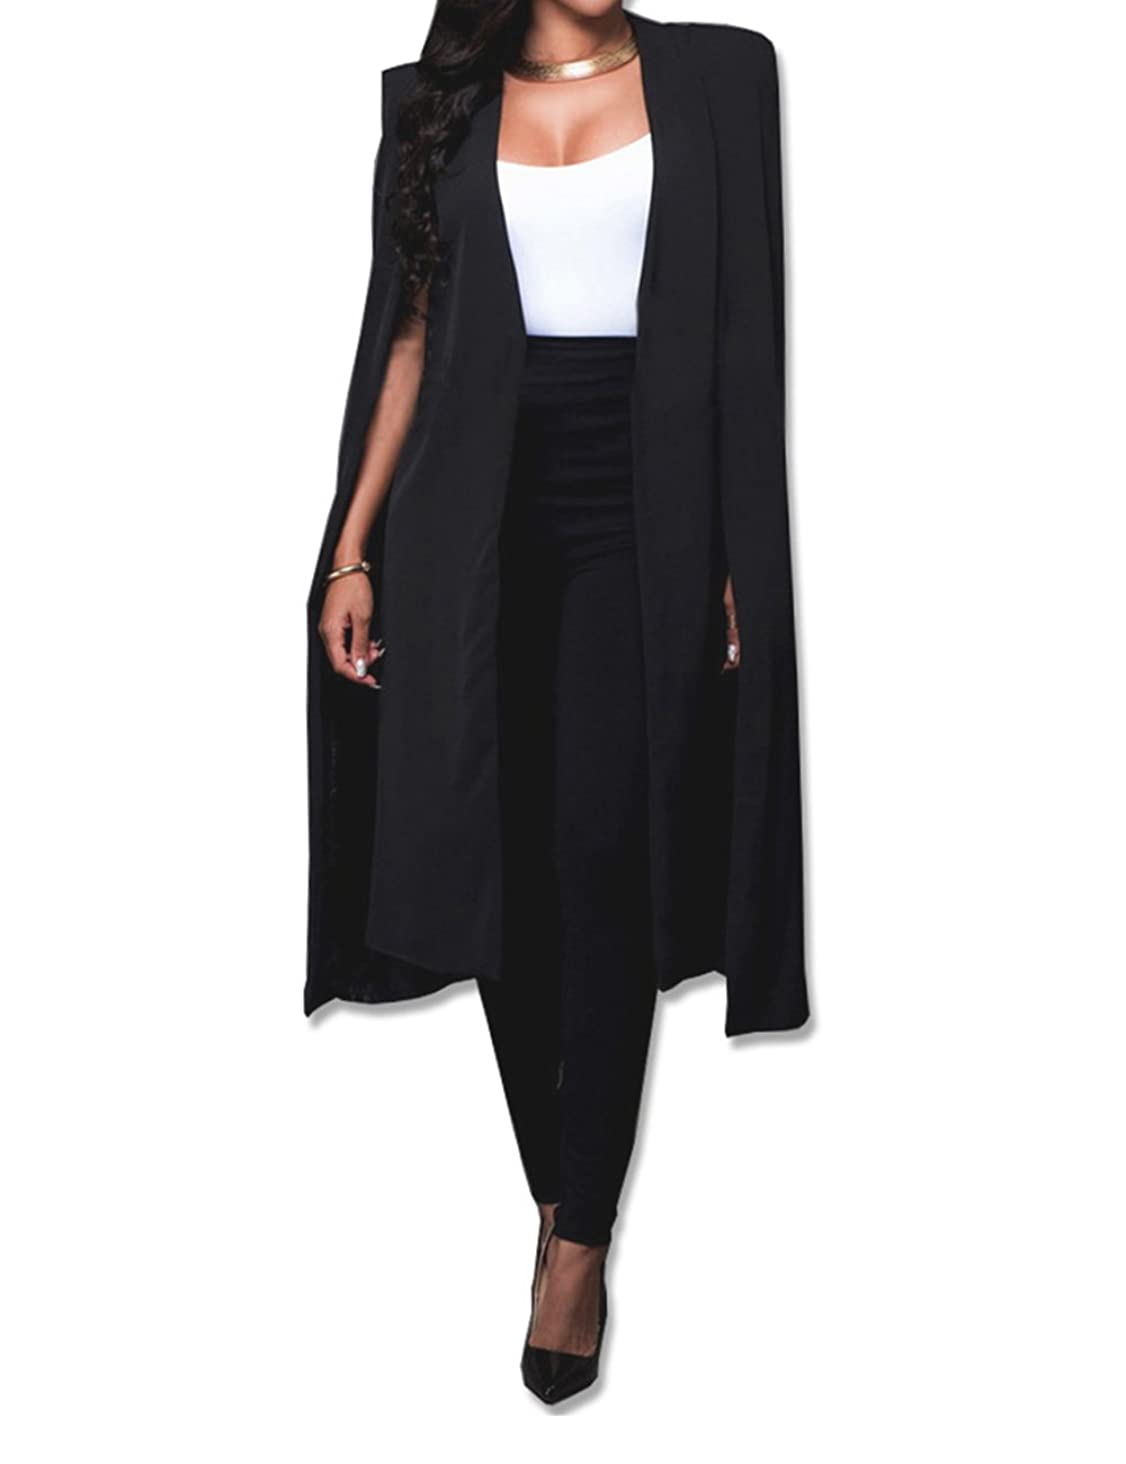 Women's Long Open Slit Sleeve Cloak Capes Jacket 4XXL Open Front Long Slit Crepe Blazer Cape Coat Plus Size